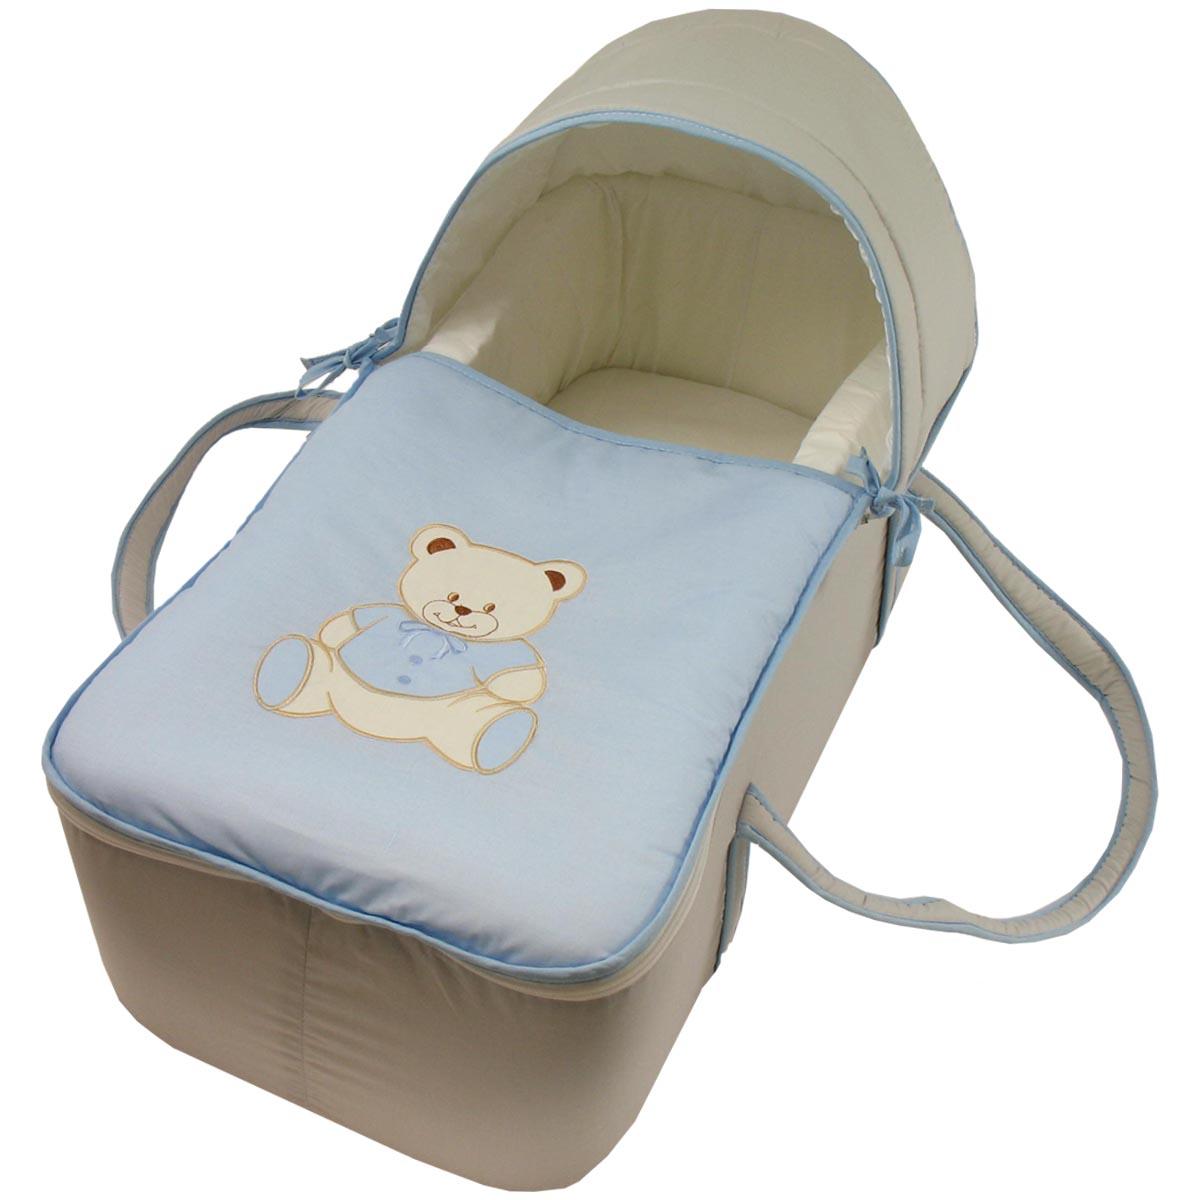 2 X bébé landau//berceau//couffin Drap Plat 100/% coton bleu